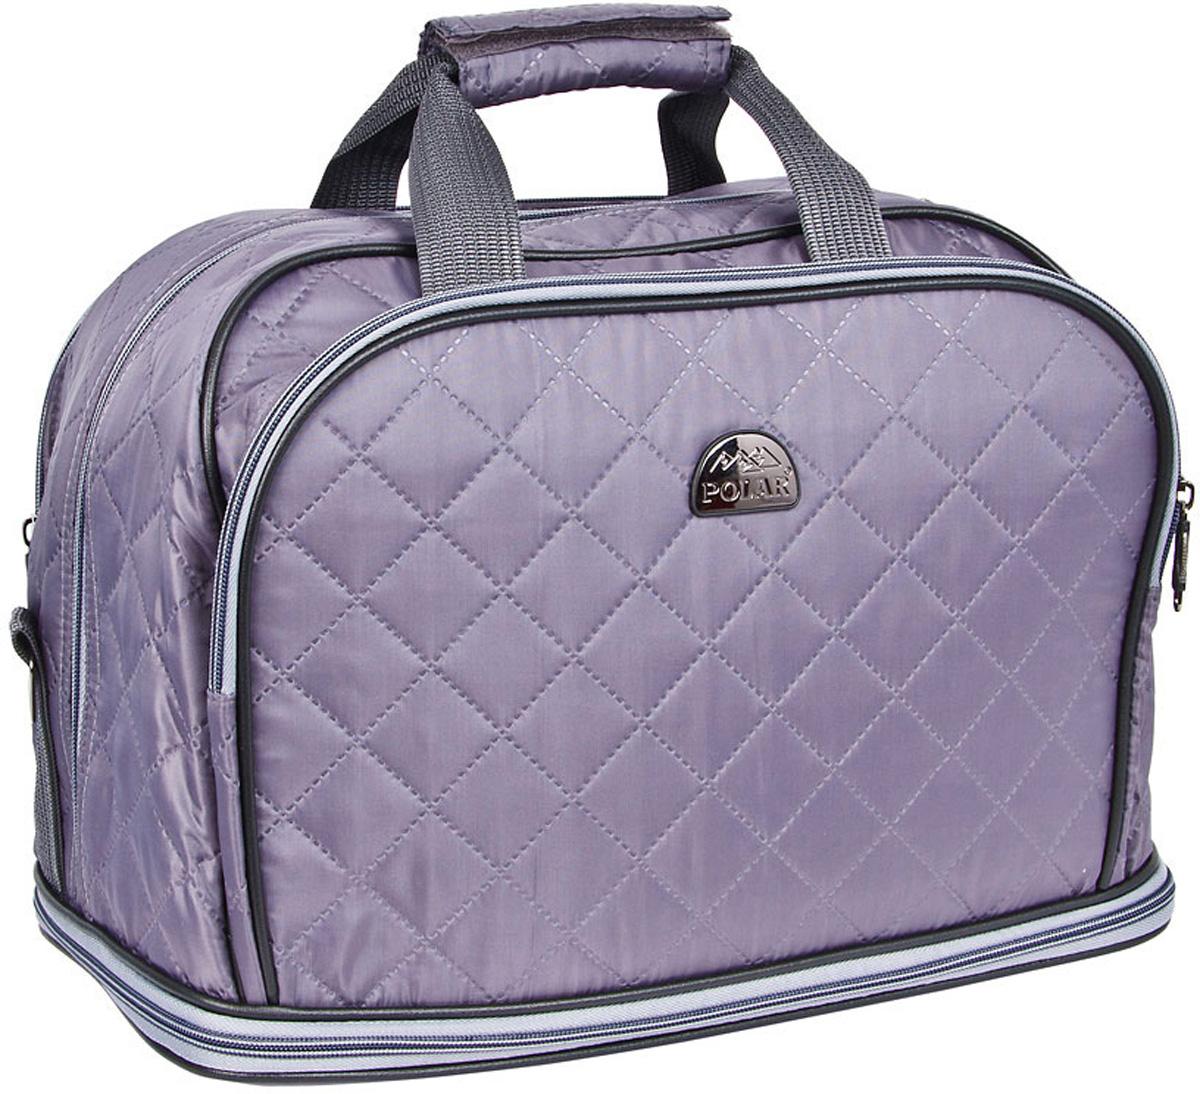 Сумка дорожная Polar Стежка, раздвижная, цвет: серый, 29 л, 40 х 30 х 24 см7055.1Дорожная сумка Polar. Имеется съемный плечевой ремень, что бы носить сумку через плечо. Одно большое отделение для ваших вещей. Увеличивается в длину на 13 см. Два кармана спереди сумки на молнии. Высота ручек 17 см.